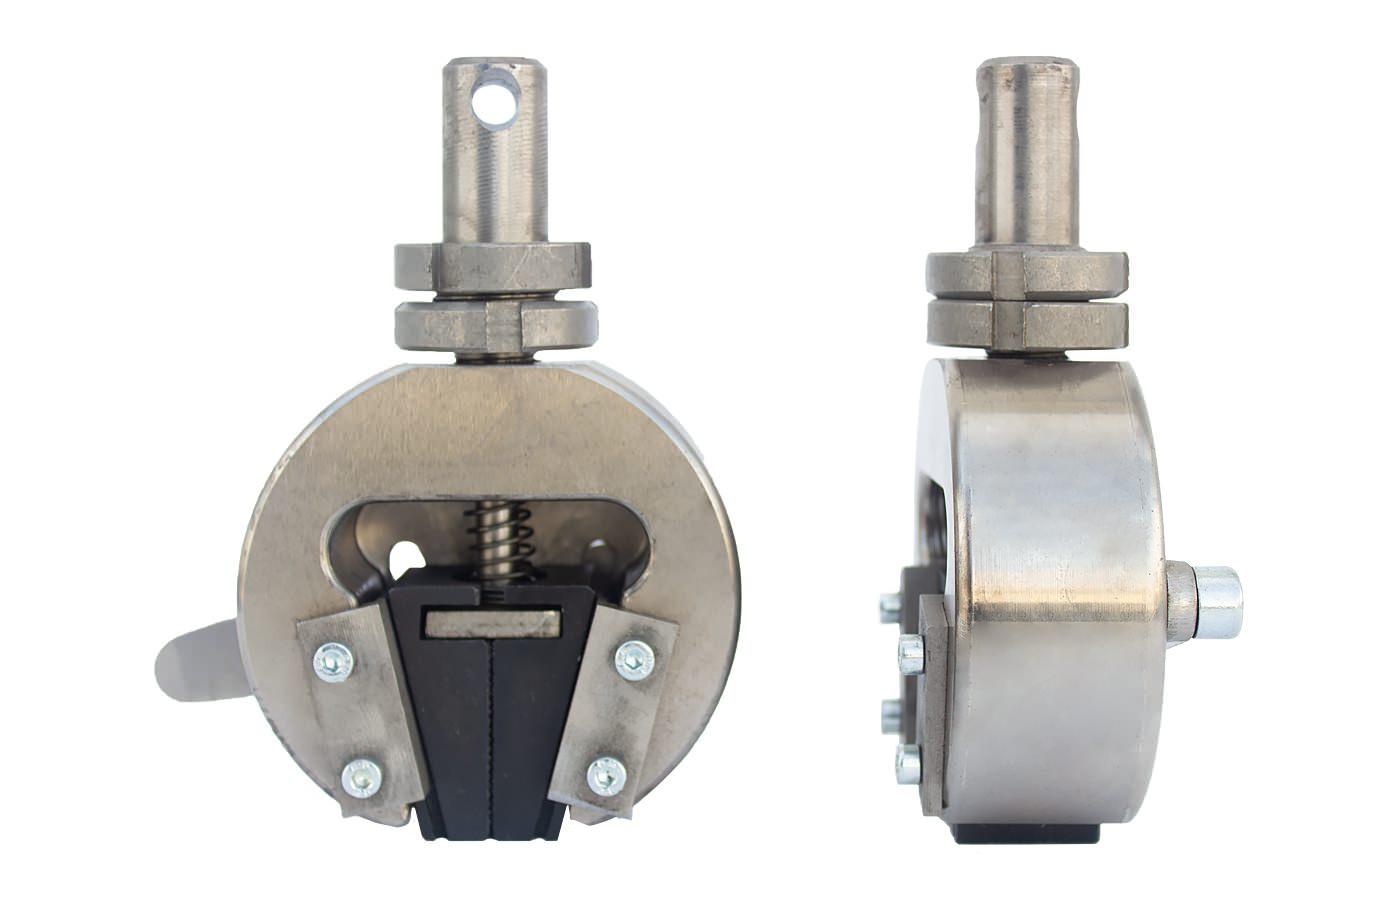 Захват механический рычажно-клиновой (до 1 кН)